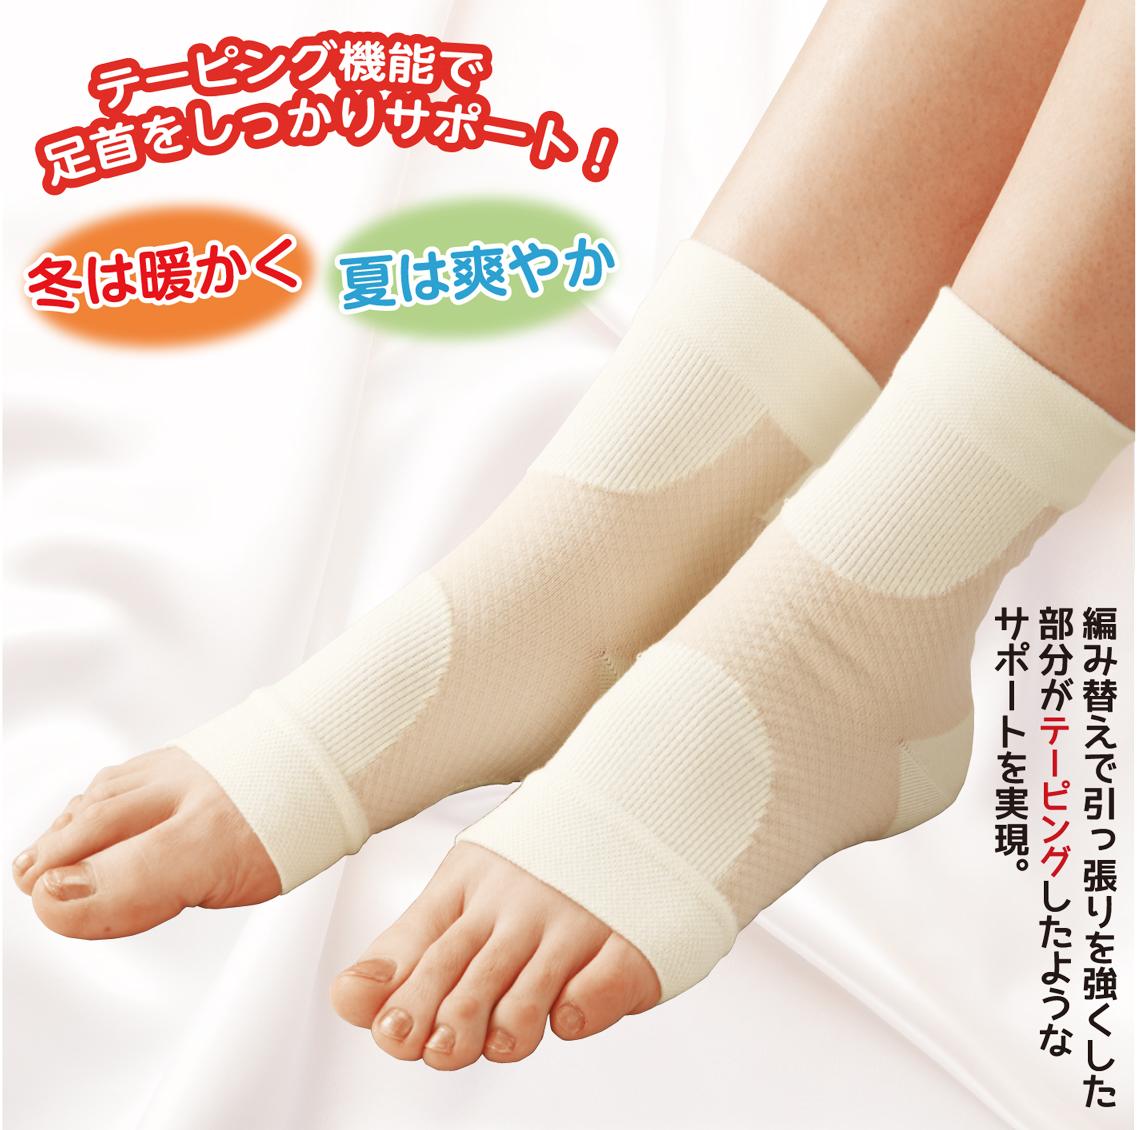 まるでテーピングしているみたい 薄手なのにしっかりサポート シルクテーピング足首サポーター お得 2枚組 絹 薄手 伸縮性 ずれにくい 高級 しっかりサポート 女性男性兼用 年中使用